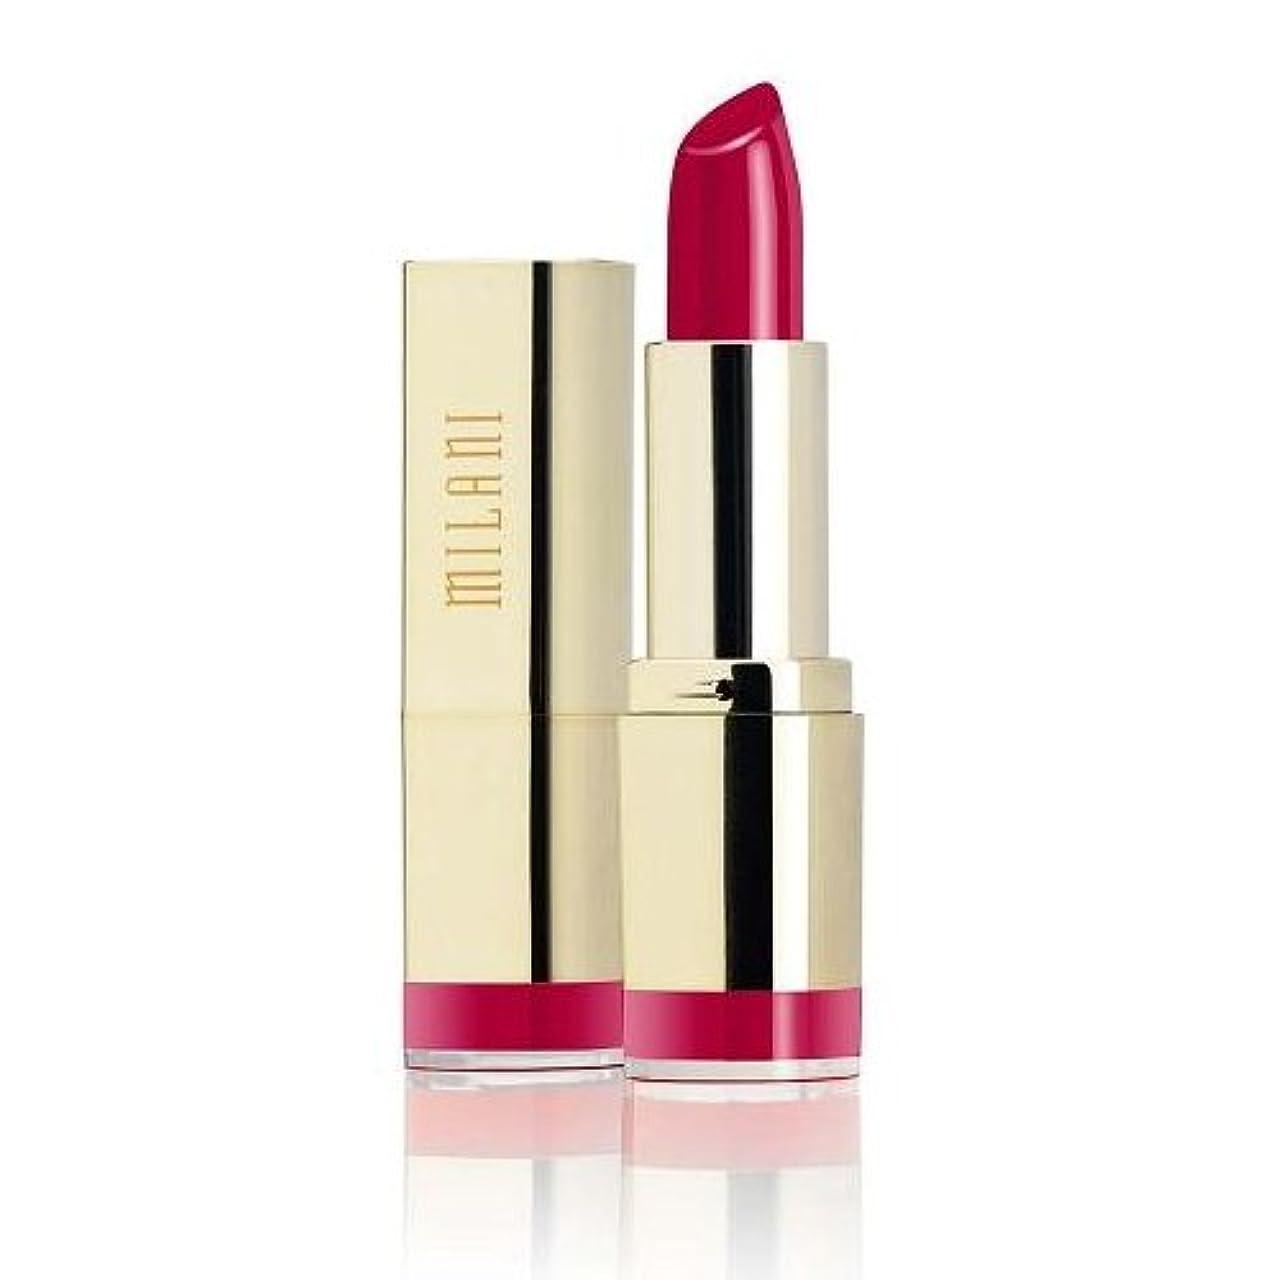 忠実な梨仲介者MILANI Color Statement Lipstick - Ruby Valentine (並行輸入品)